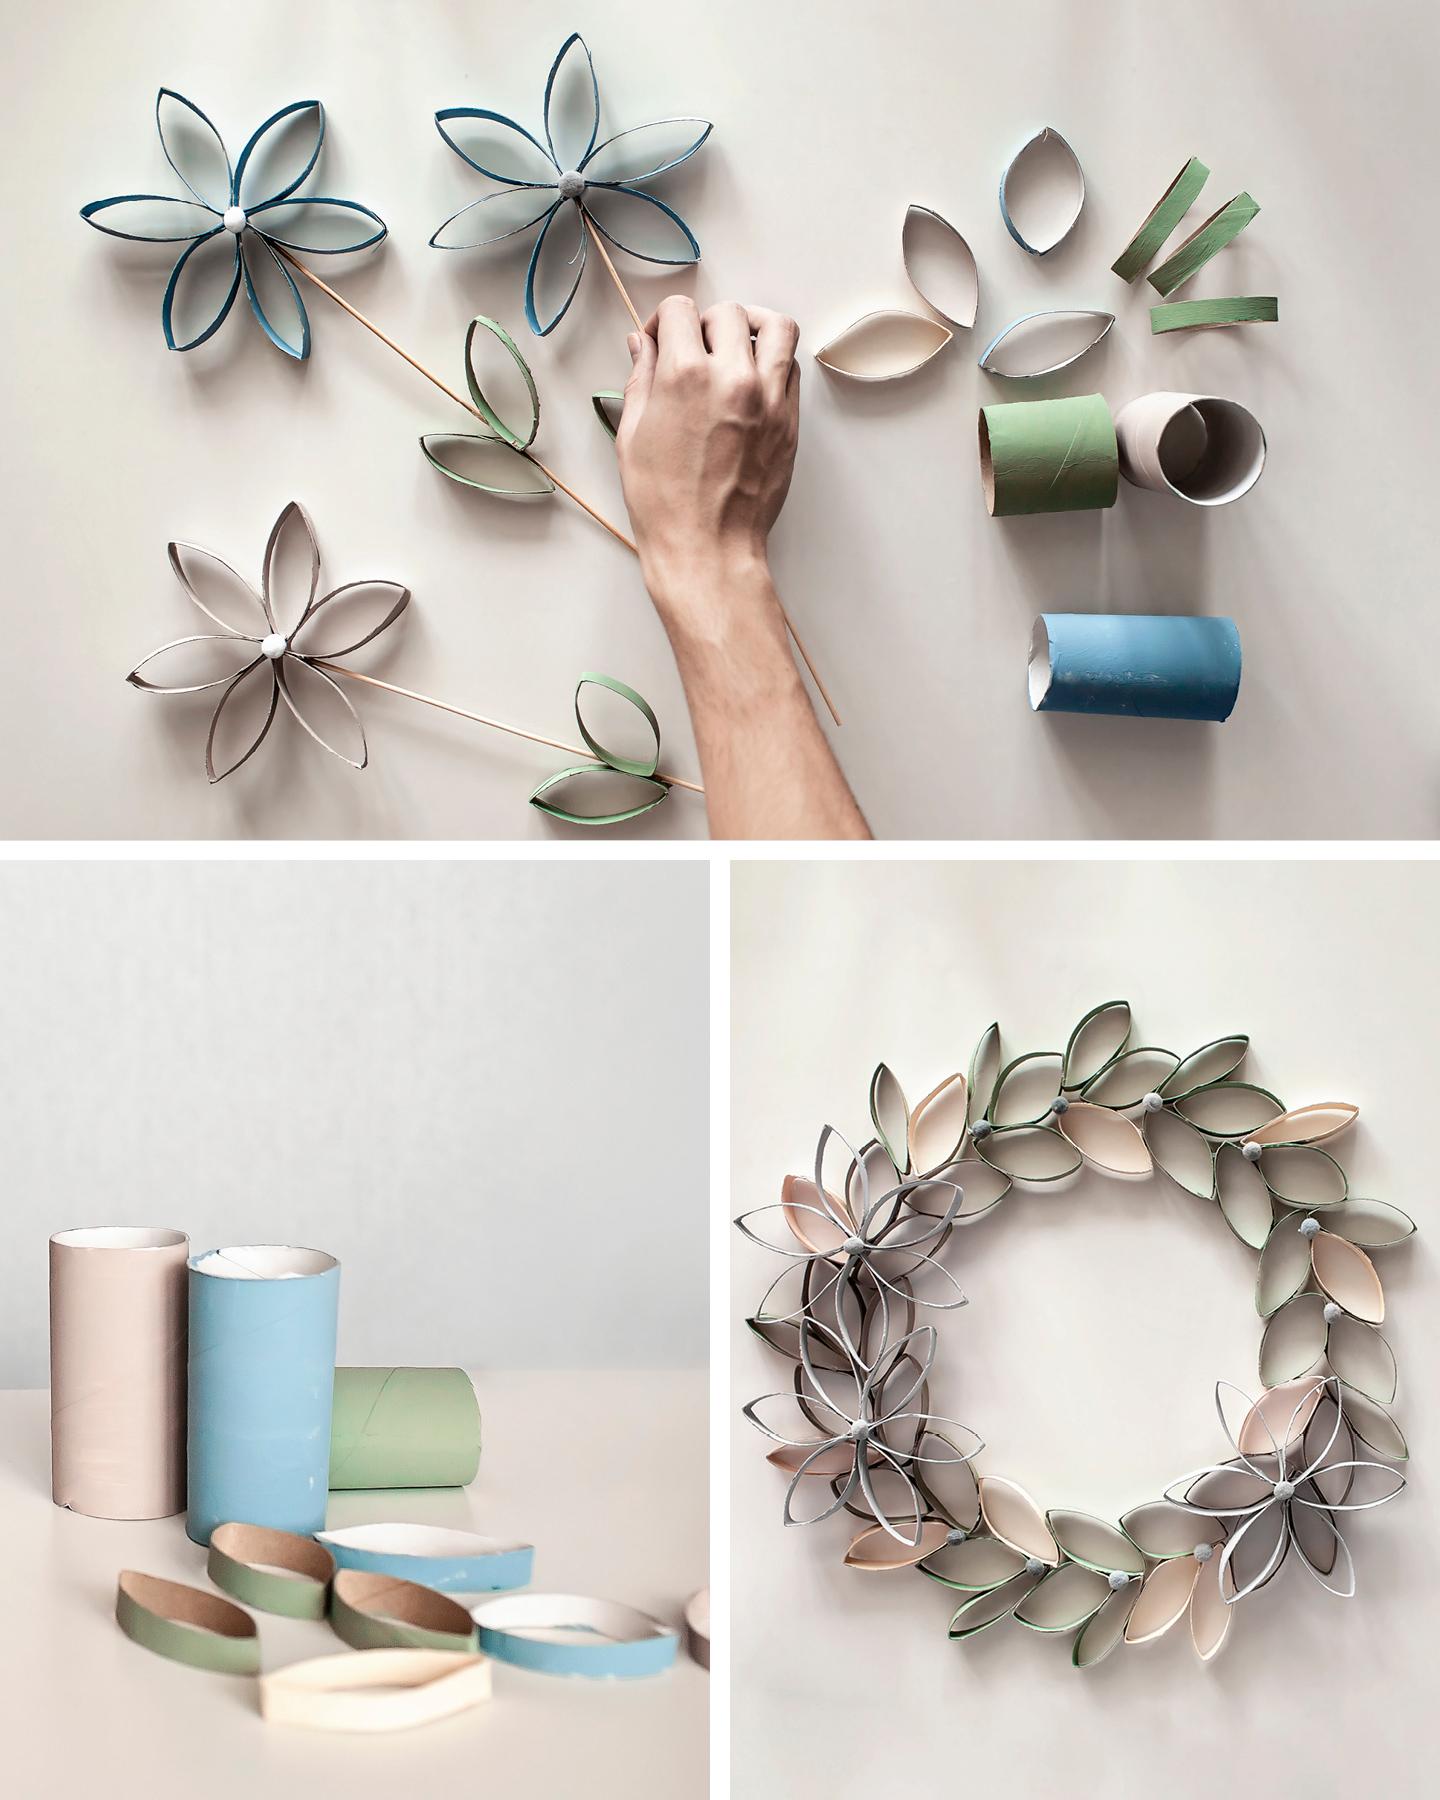 Aus Klopapierrollen wurden Streifen geschnitte & zusammengeklebt, so dass Blumen als Bastelidee zu Ostern entstanden sind.